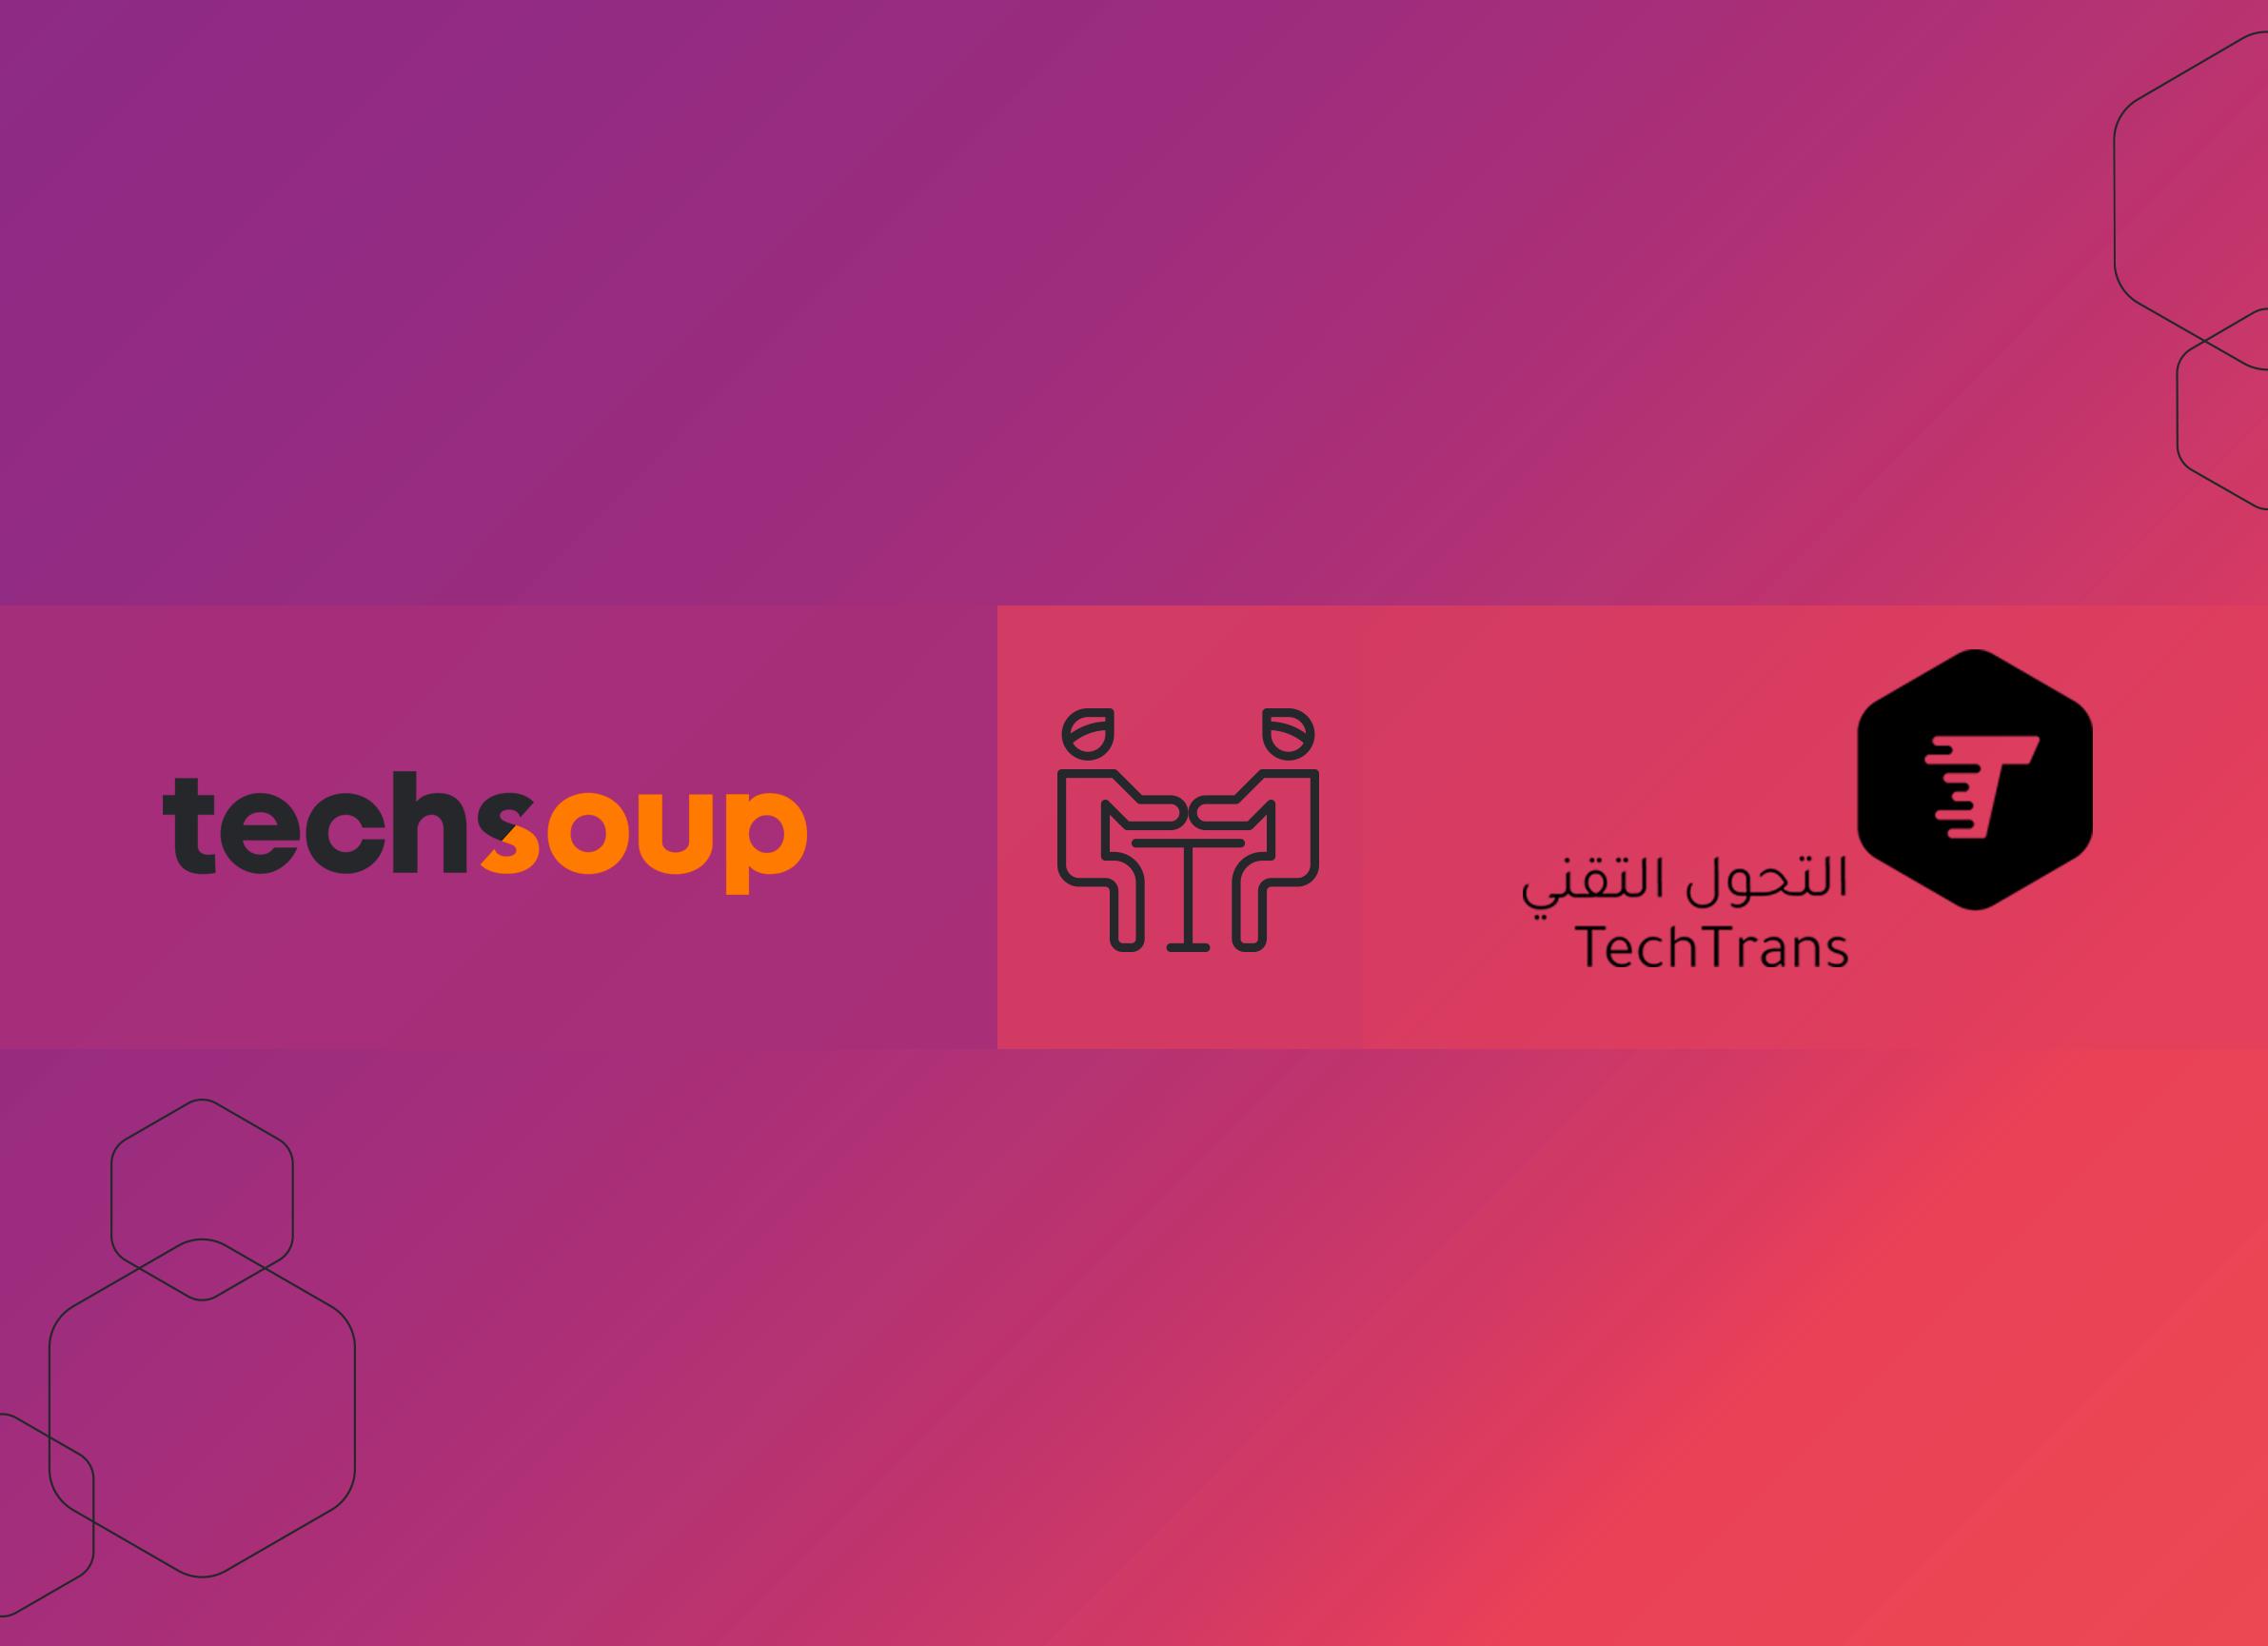 التحول التقني الشريك الرسمي لمنظمة TechSoup في الشرق الأوسط